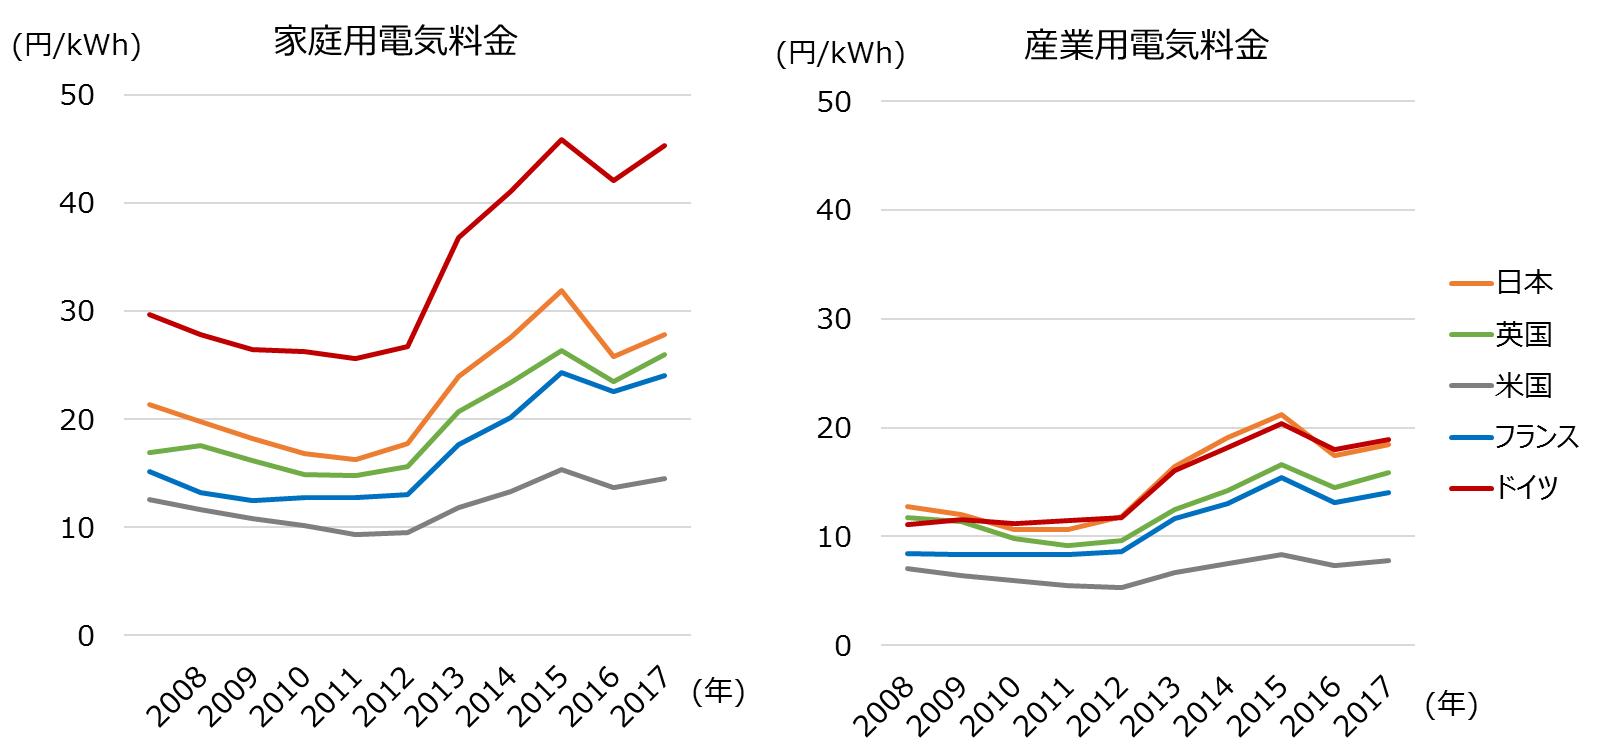 電気料金の各国比較 /></p> <p style=